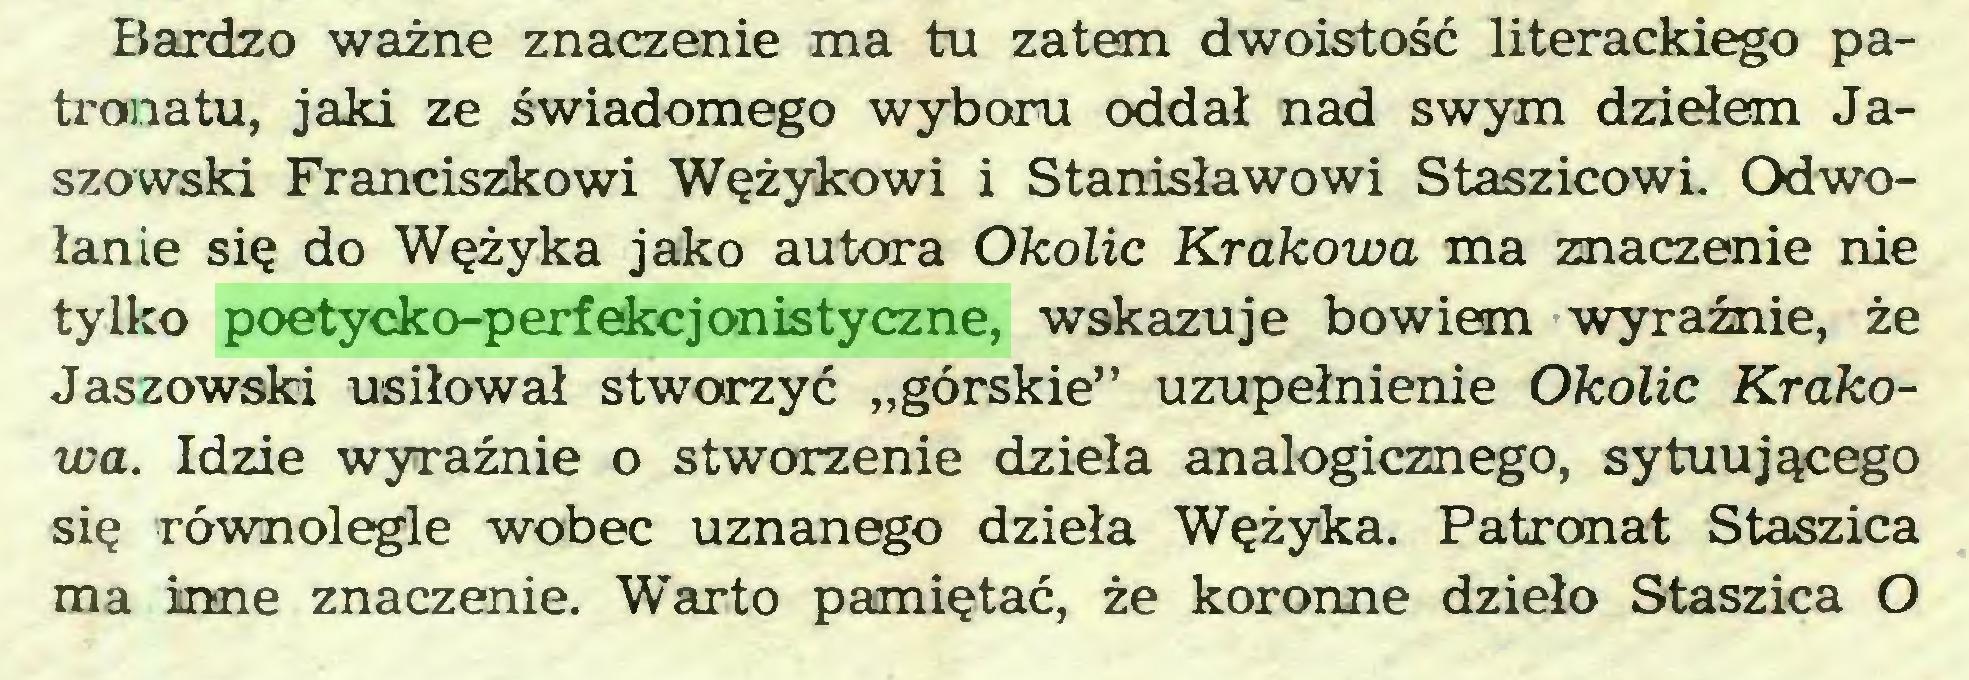 """(...) Bardzo ważne znaczenie ma tu zatem dwoistość literackiego patronatu, jaki ze świadomego wyboru oddał nad swym dziełem Jaszowski Franciszkowi Wężykowi i Stanisławowi Staszicowi. Odwołanie się do Wężyka jako autora Okolic Krakowa ma znaczenie nie tylko poetycko-perfekcjonistyczne, wskazuje bowiem wyraźnie, że Jaszowski usiłował stworzyć """"górskie"""" uzupełnienie Okolic Krakowa. Idzie wyraźnie o stworzenie dzieła analogicznego, sytuującego się równolegle wobec uznanego dzieła Wężyka. Patronat Staszica ma inne znaczenie. Wdarto pamiętać, że koronne dzieło Staszica O..."""